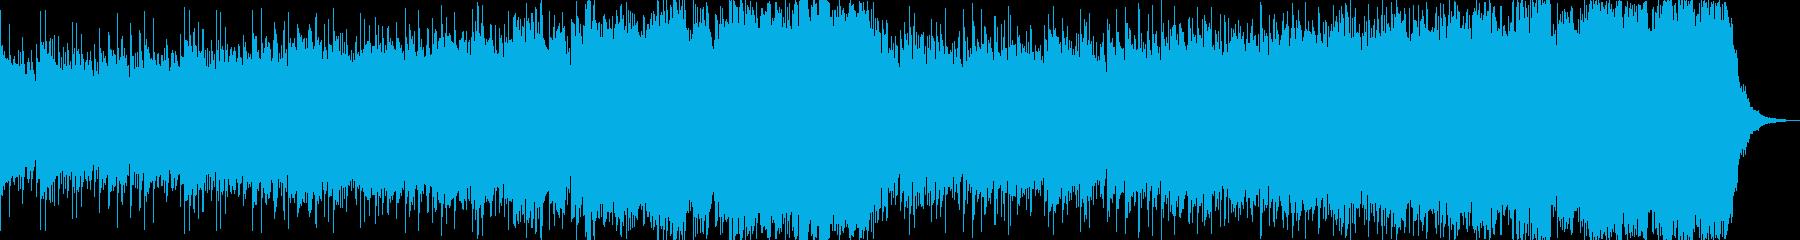 オープニング、爽やかピアノ&ストリングスの再生済みの波形